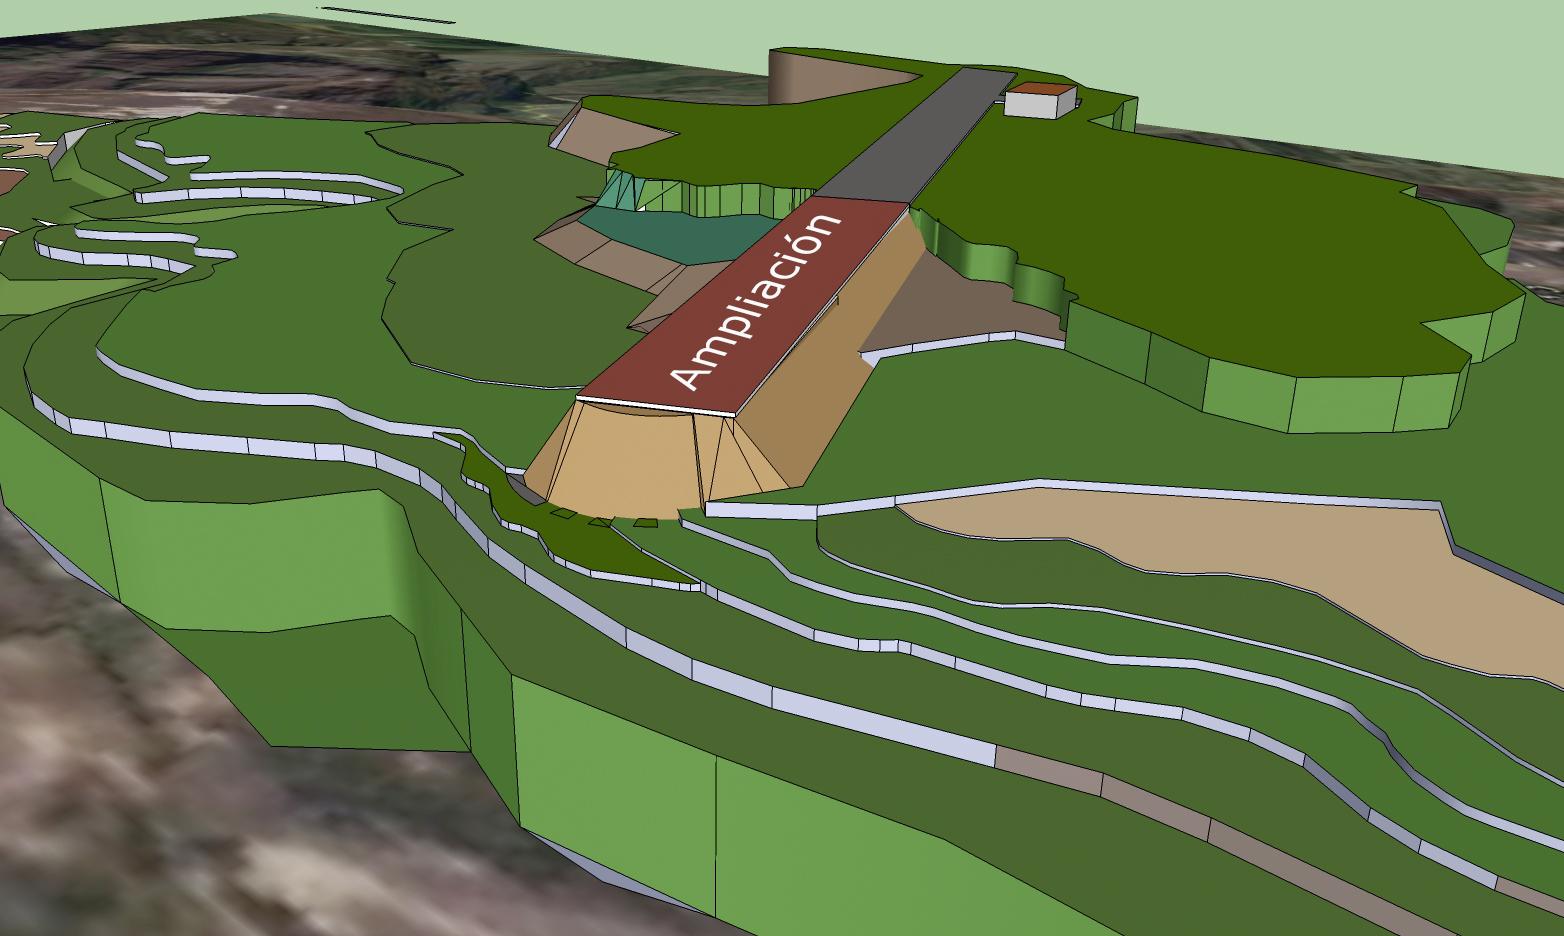 Maqueta de la ampliación del Aeropuerto de Chachapoyas.